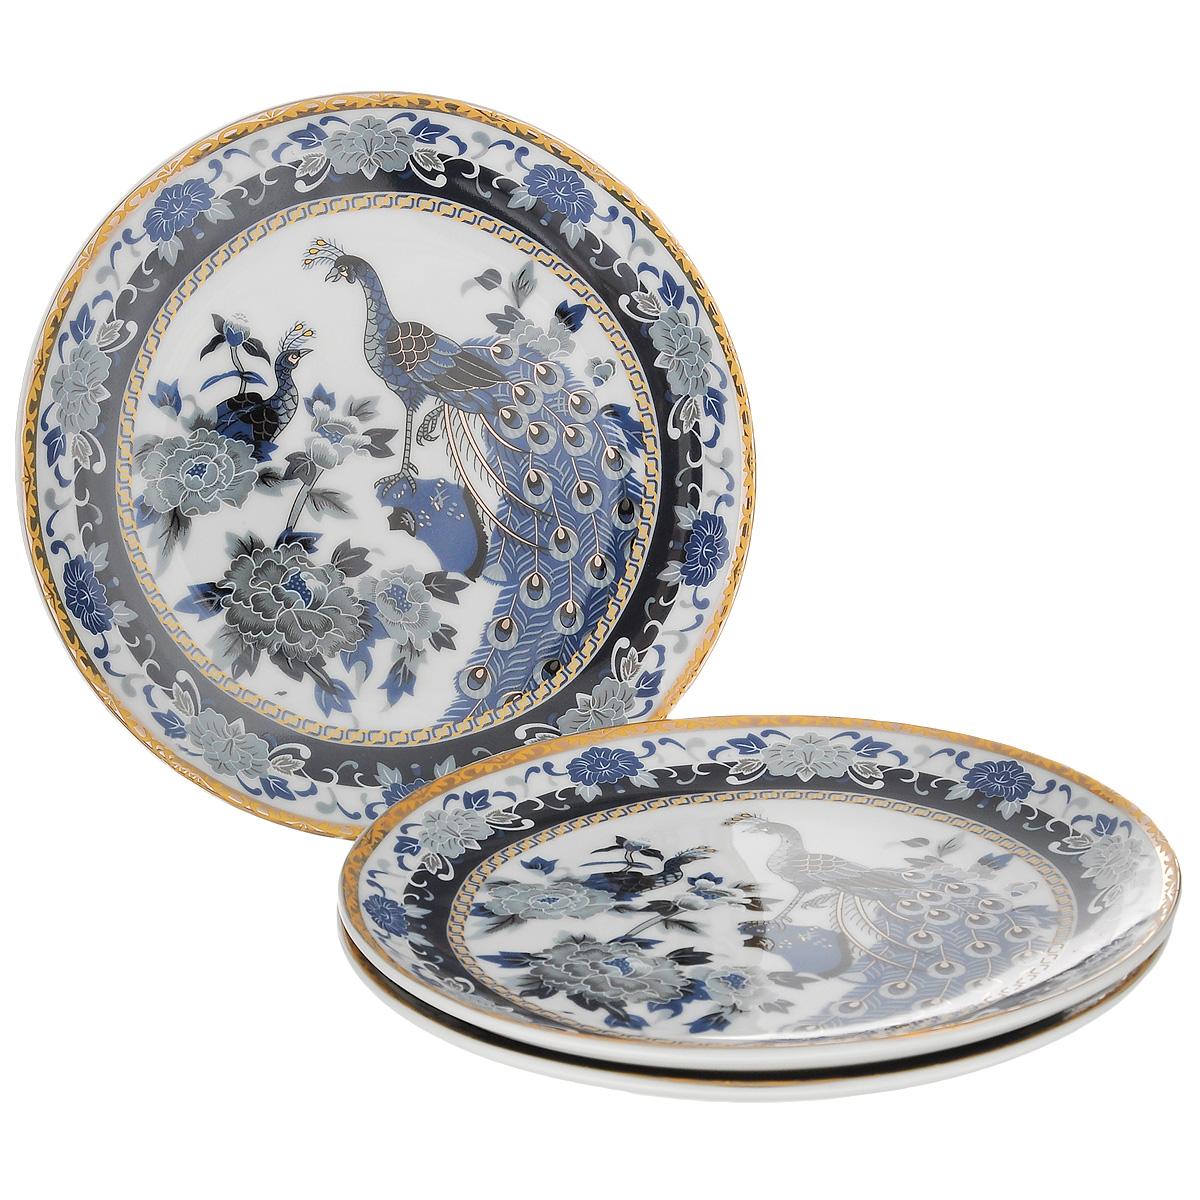 Набор тарелок Saguro Синий павлин, диаметр 18,5 см, 3 шт54 009312Набор Saguro Синий павлин состоит из трех тарелок, изготовленных из фарфора. Изделия оформлены золотой каемкой и изображением павлинов и цветов.Такие тарелки сочетают в себе изысканный дизайн с максимальной функциональностью. Красочность оформления придется по вкусу тем, кто предпочитает классику и утонченность. Оригинальные тарелки украсят сервировку вашего стола и подчеркнут прекрасный вкус хозяйки, а также станут отличным подарком. Не использовать в микроволновой печи. Не применять абразивные чистящие вещества.Диаметр тарелки: 18,5 см.